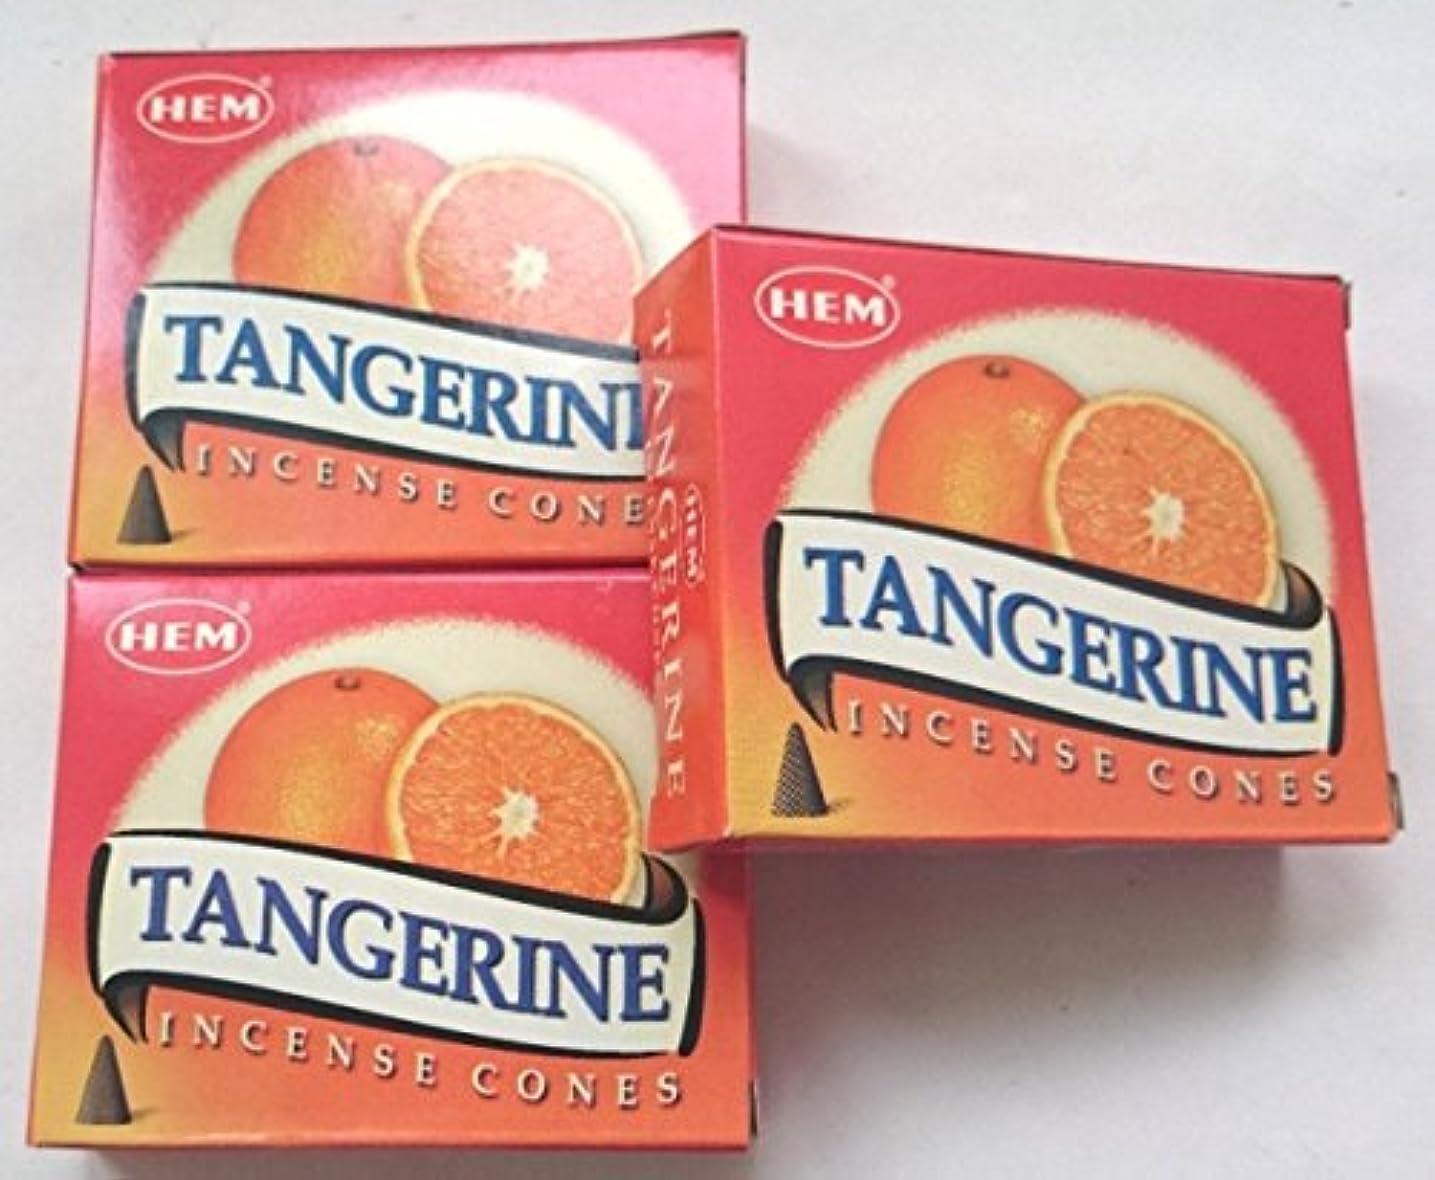 擬人化提供するアパートHEM(ヘム)お香 タンジェリン(オレンジ) コーン 3個セット